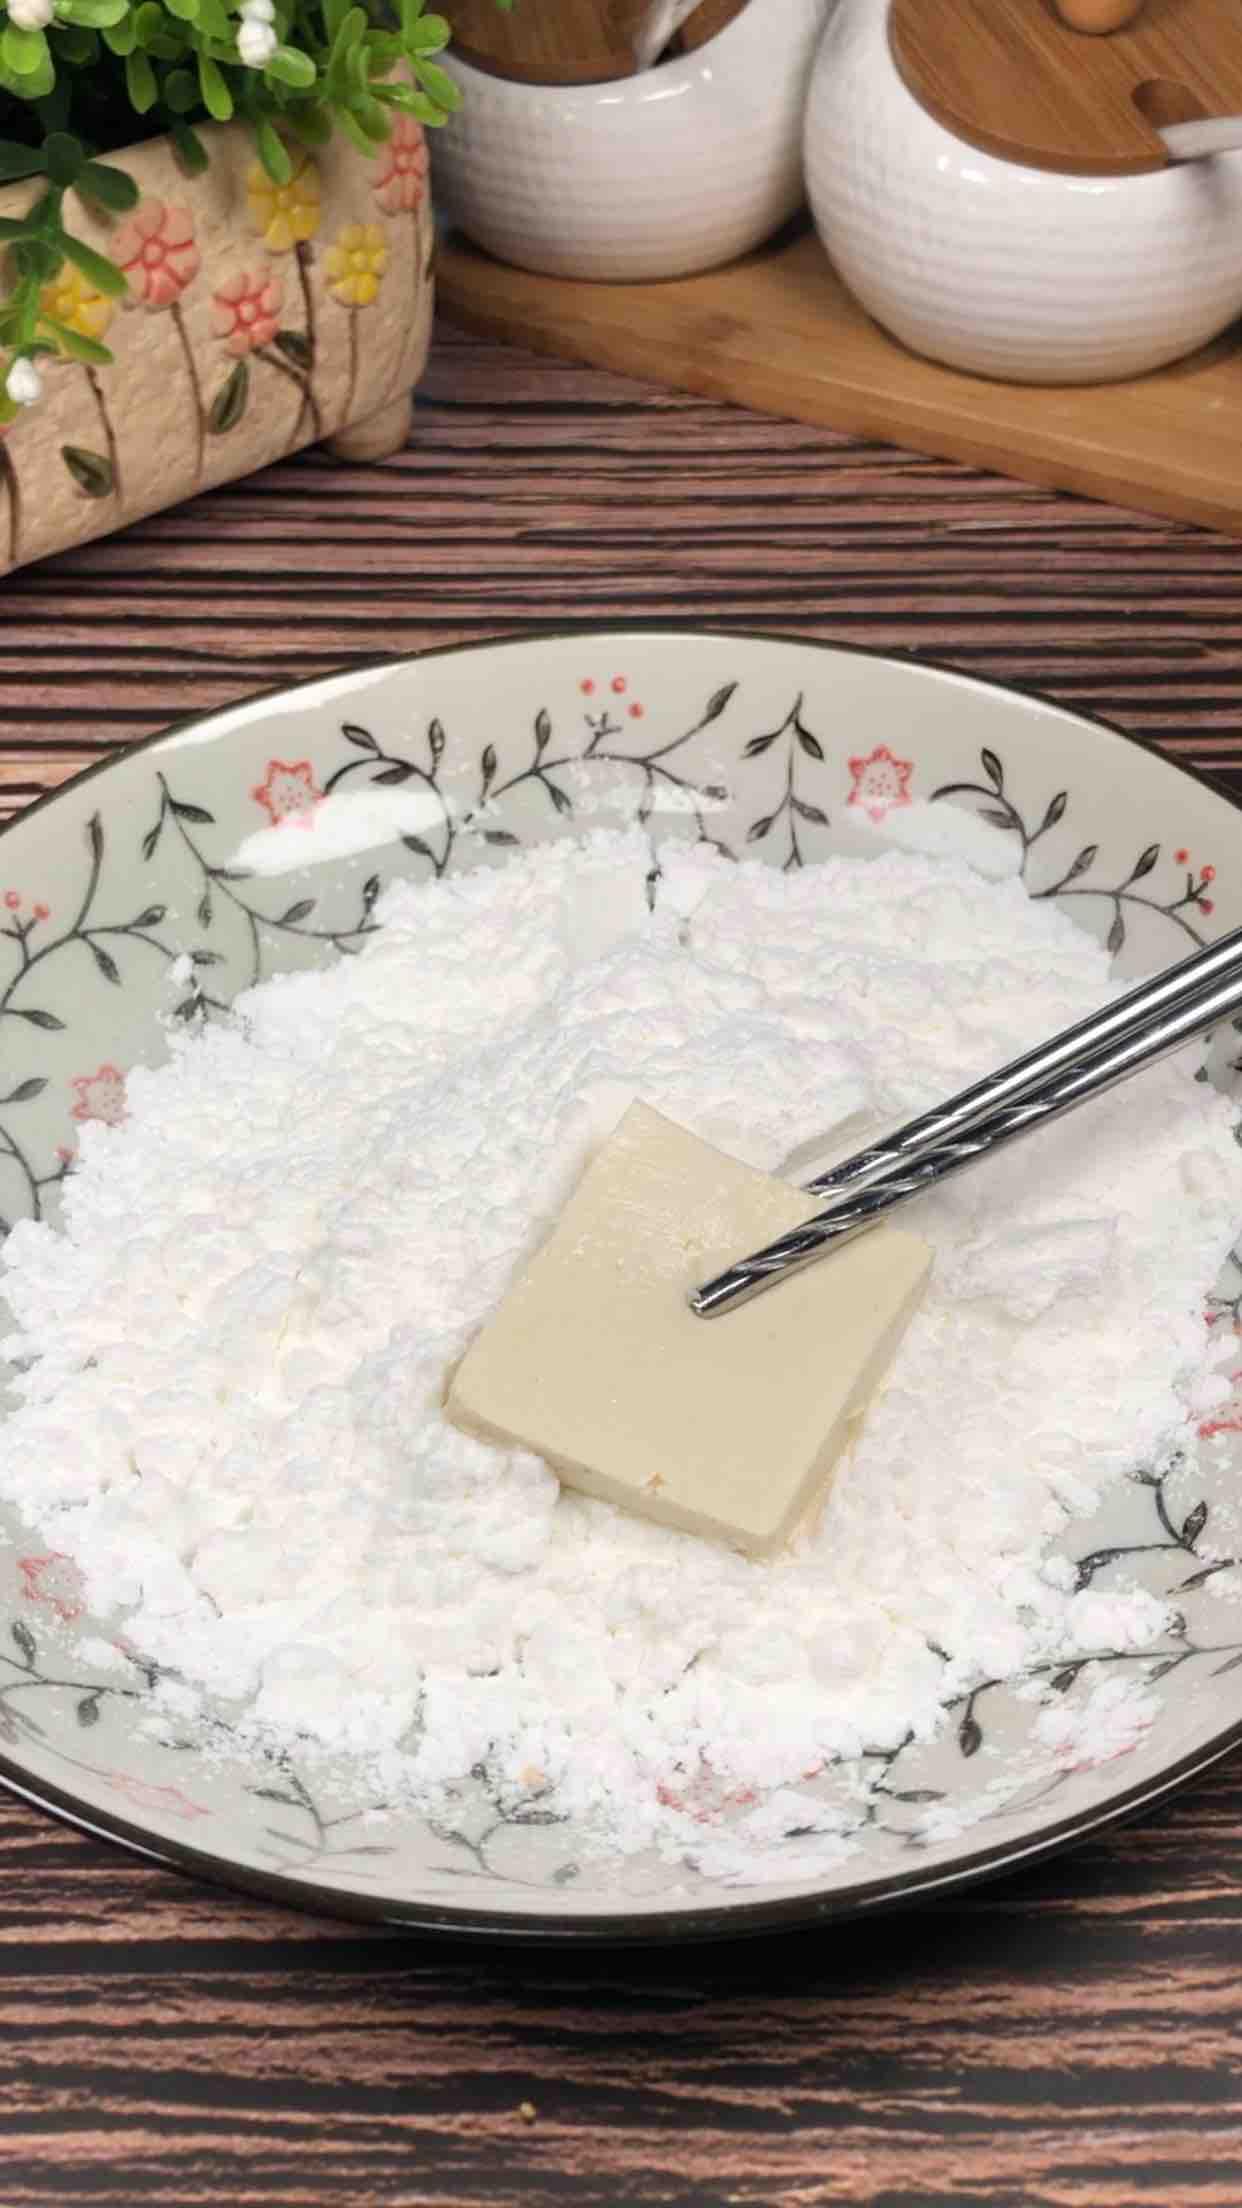 0失败的开胃小菜,香辣豆腐的做法图解